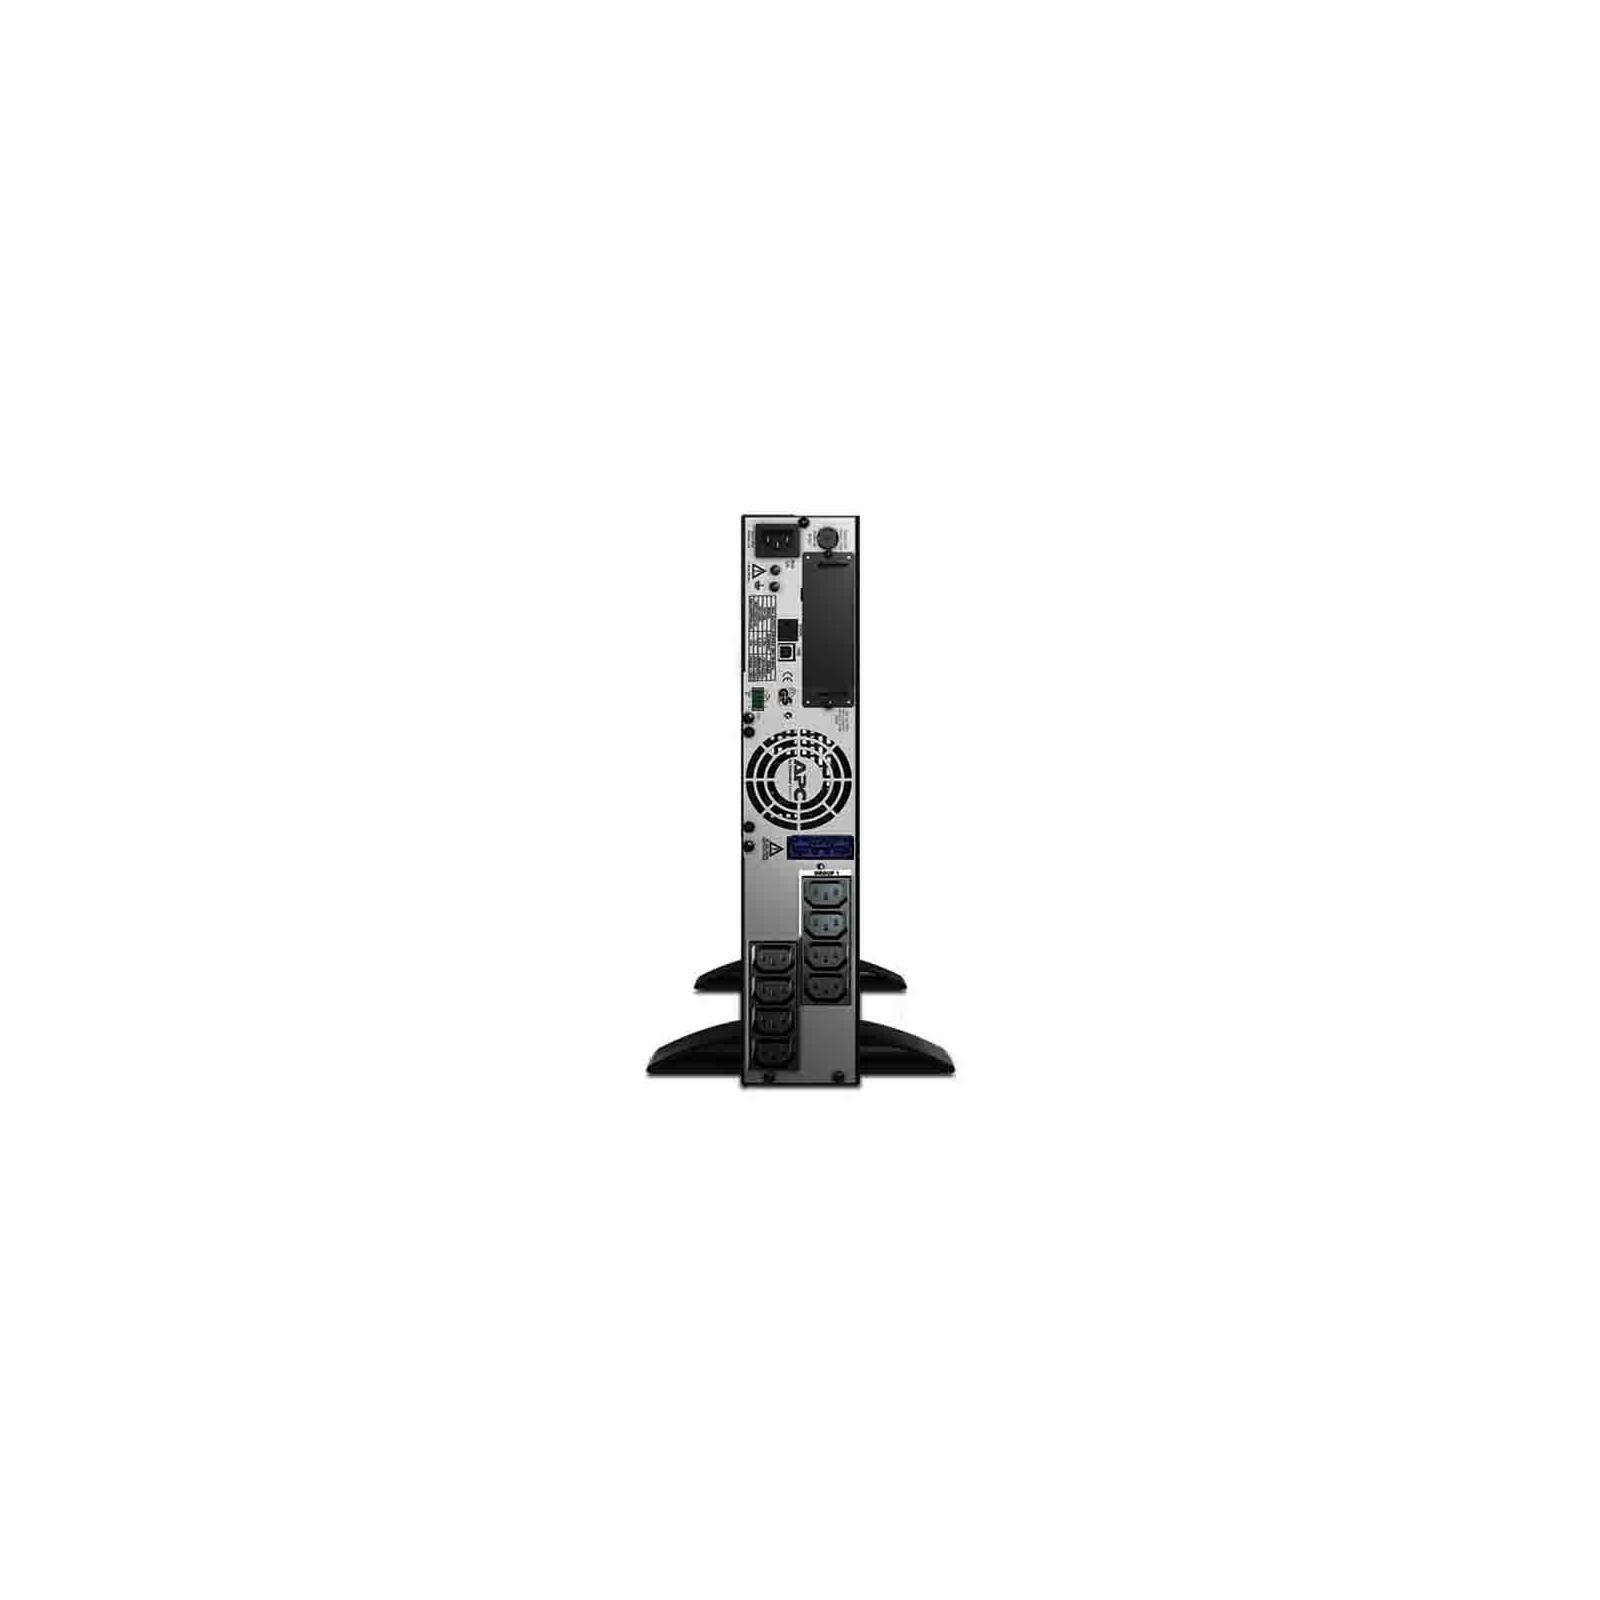 Источник бесперебойного питания APC Smart-UPS X 750VA Rack/Tower LCD (SMX750I) изображение 2